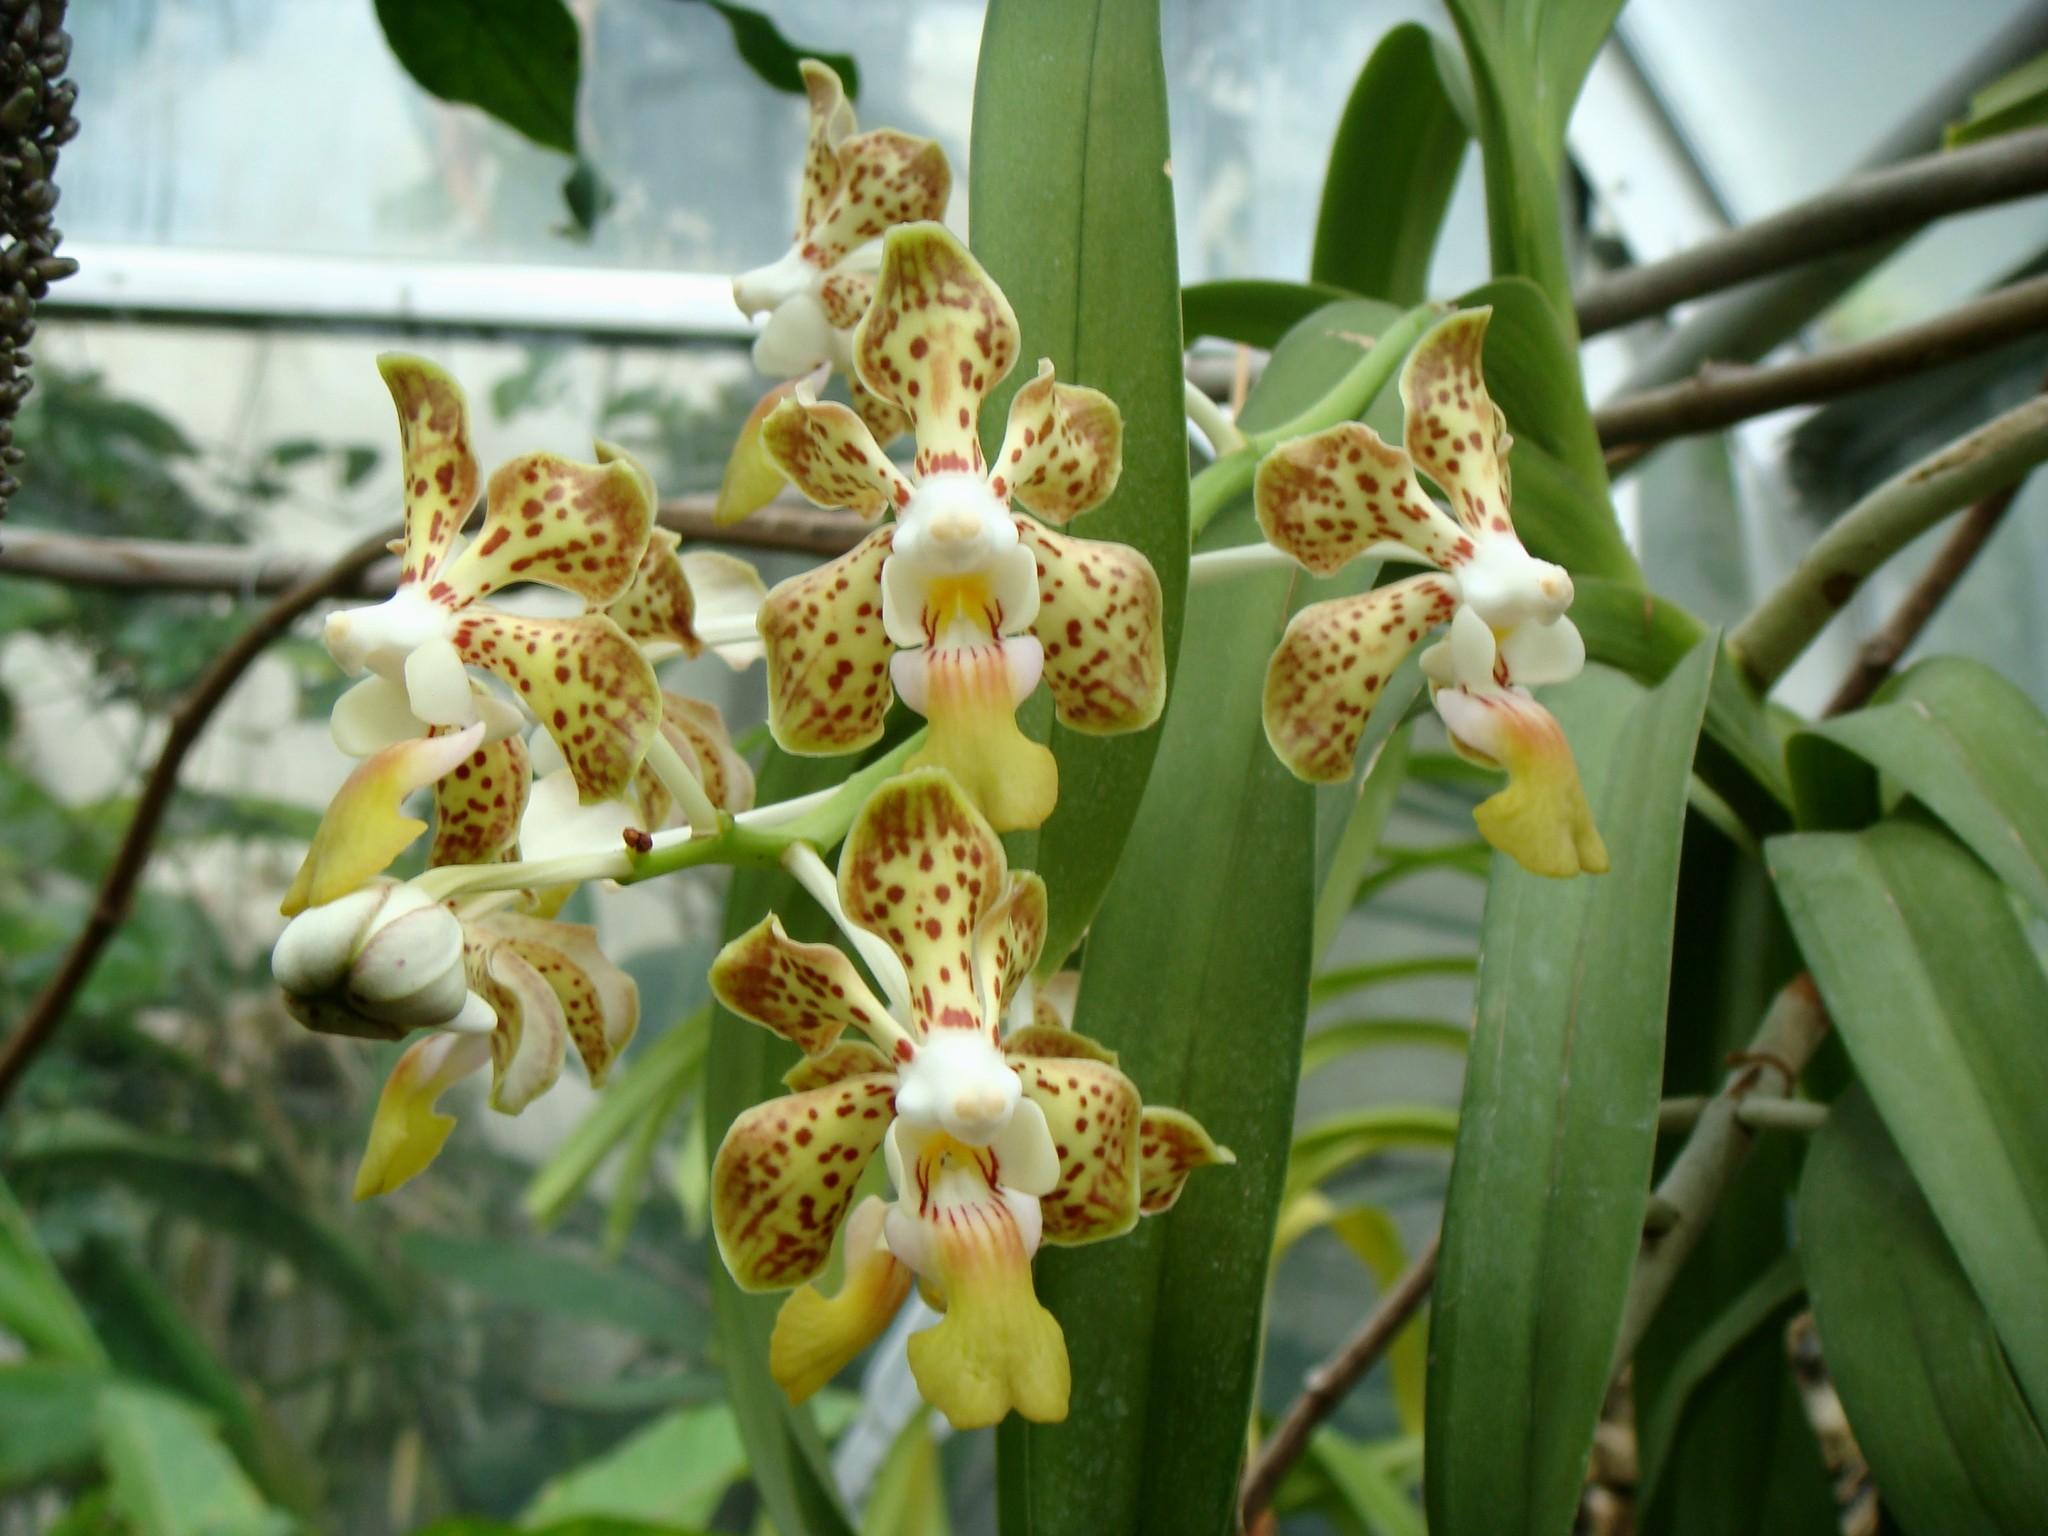 http://orchids.la.coocan.jp/Vanda/Vanda%20denisoniana/DSC09567.JPG